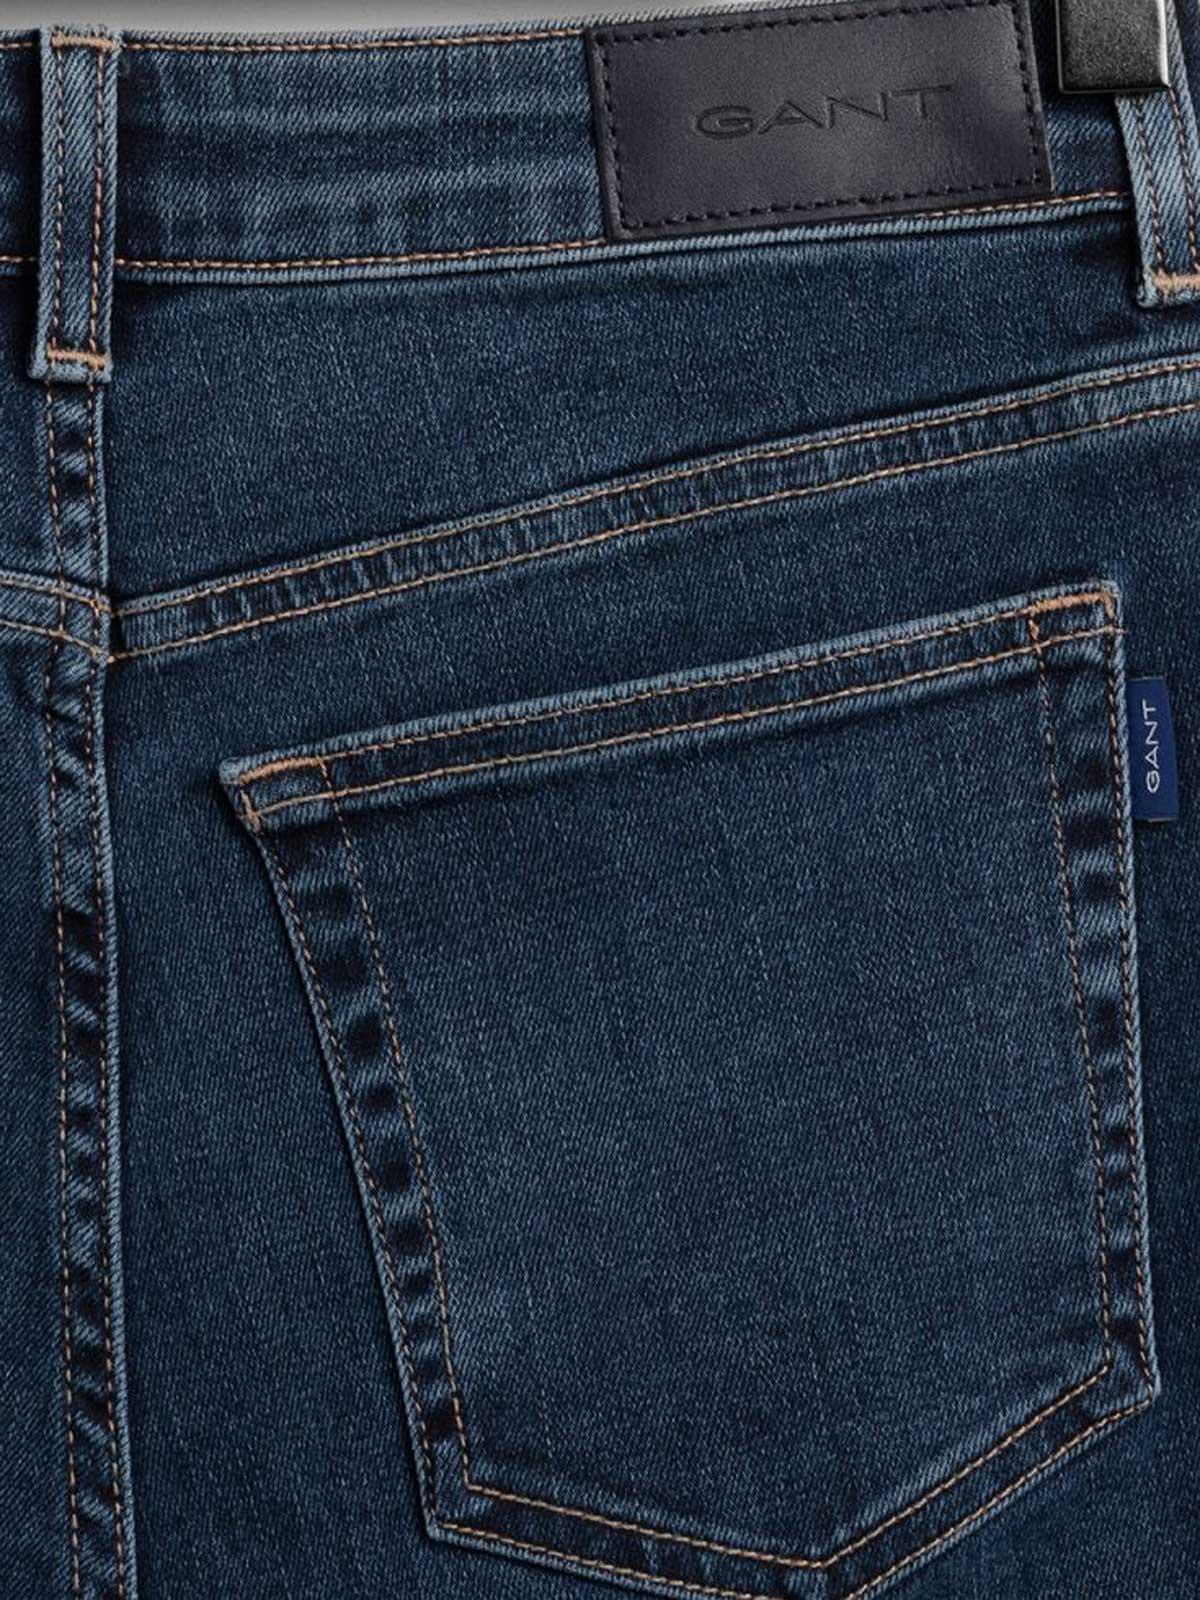 Immagine di Gant   Jeans Slim Super Stretch Jeans